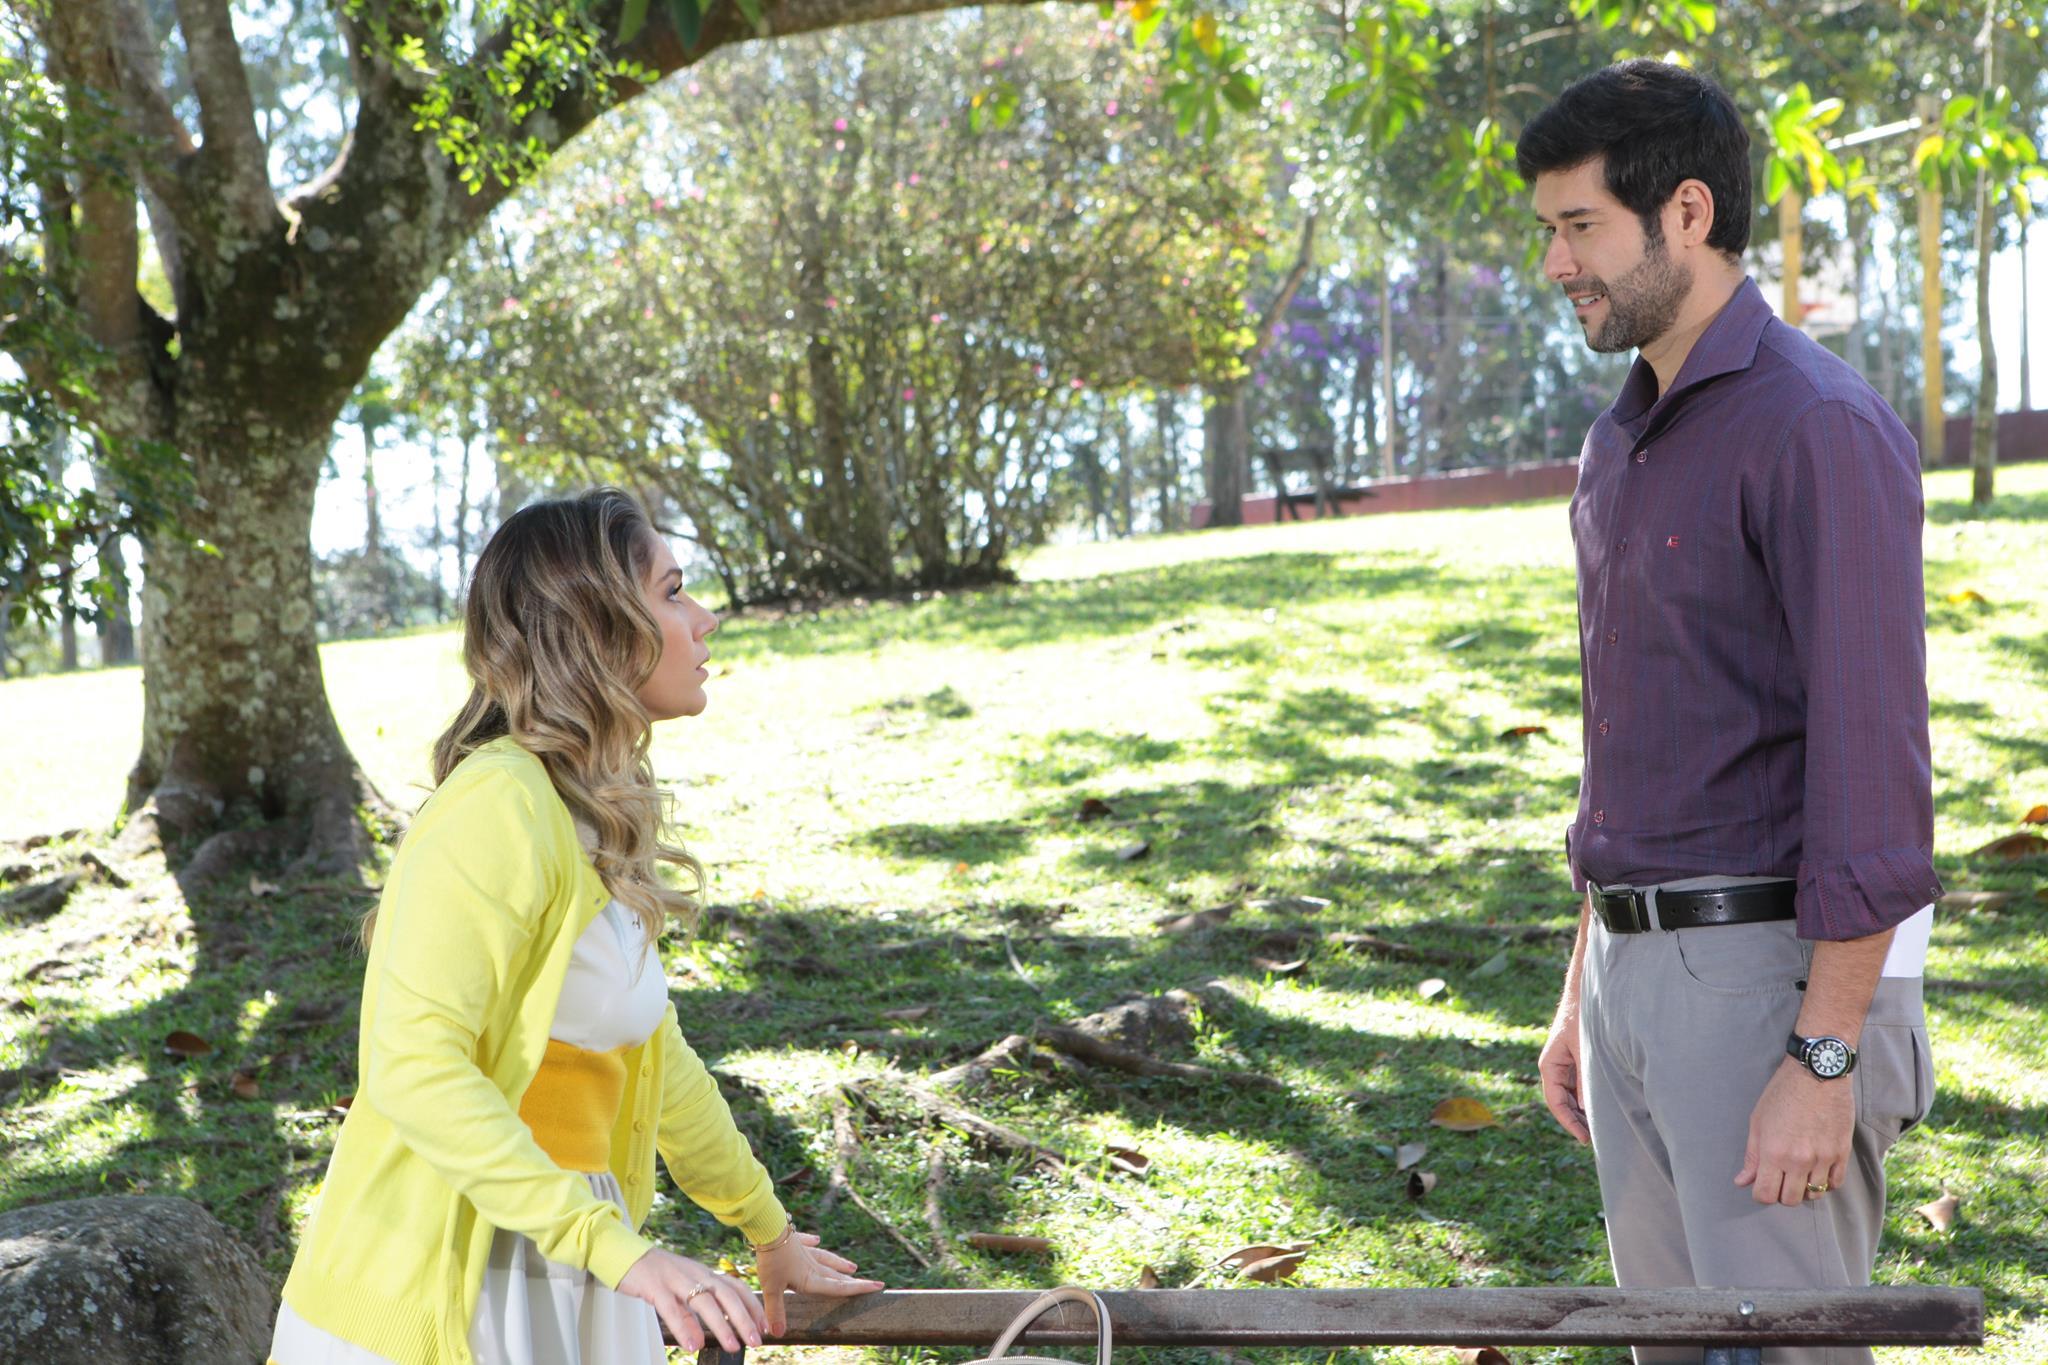 Receba (Juliana Baroni) é surpreendida por Maurício (Daniel Del Sarto) (Foto: Leonardo Nones/SBT)